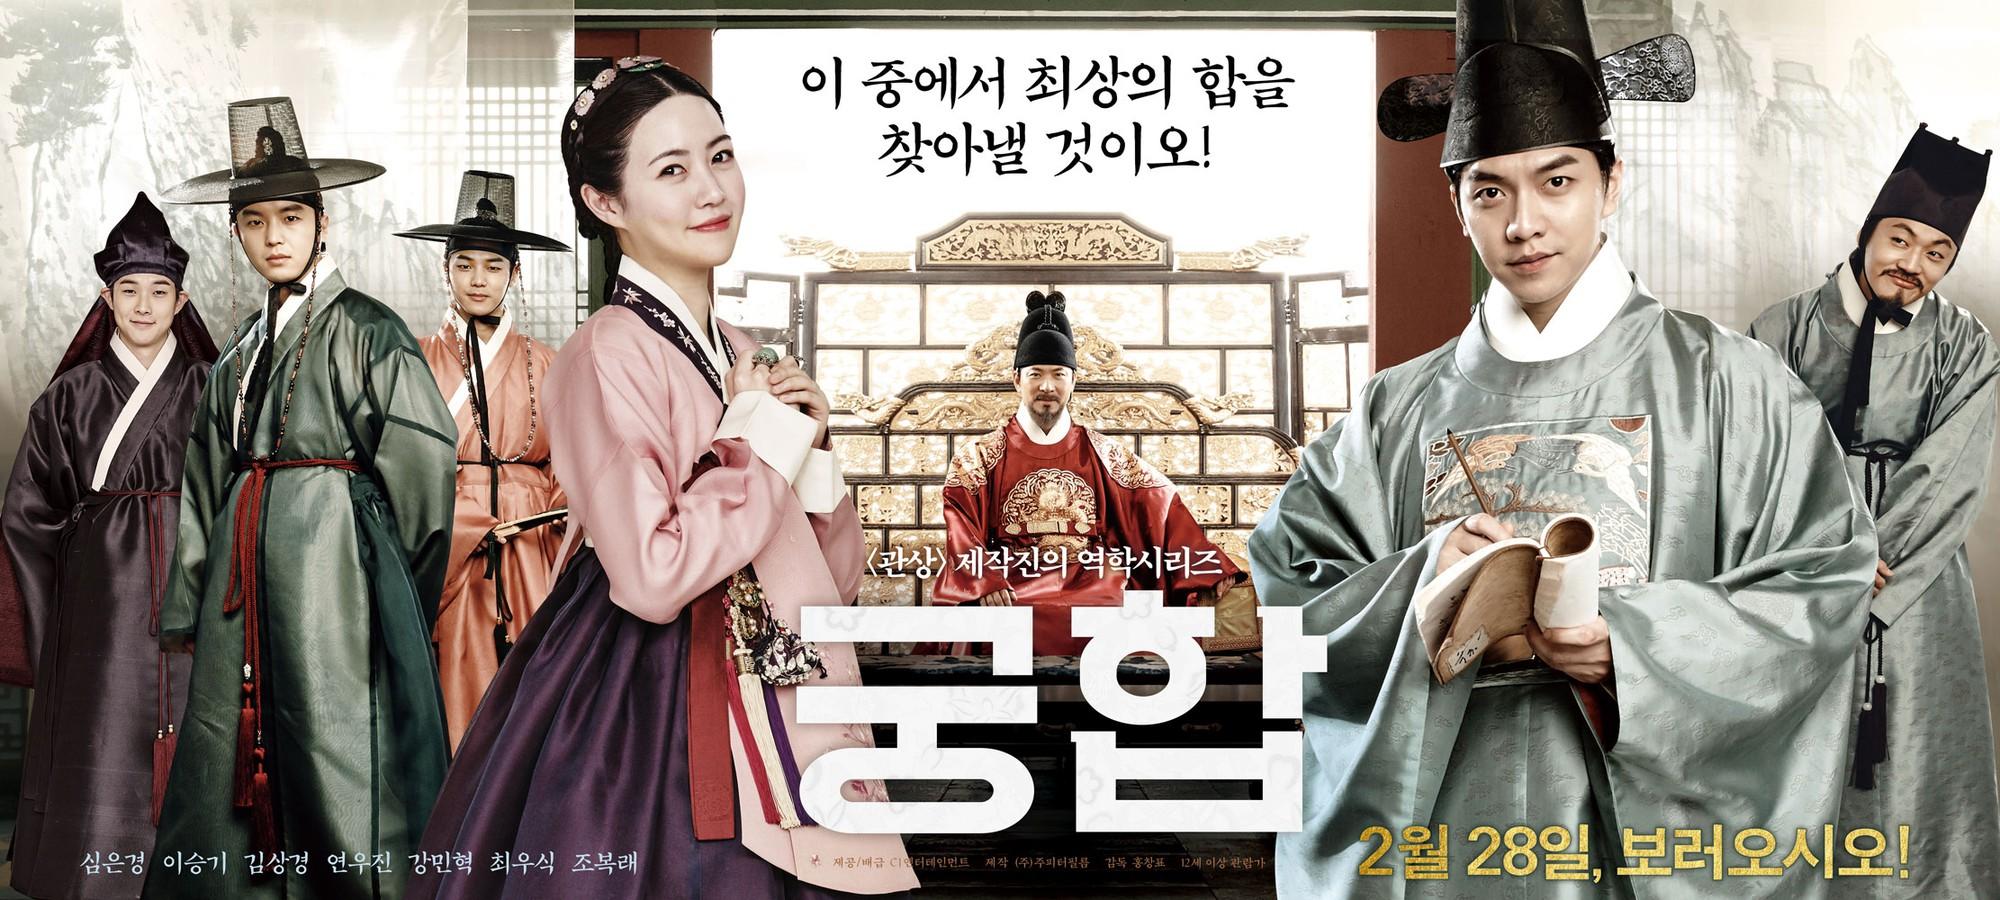 Phim của Lee Seung Gi và sao nữ Sunny dẫn đầu phòng vé Hàn tuần ra mắt - Ảnh 2.